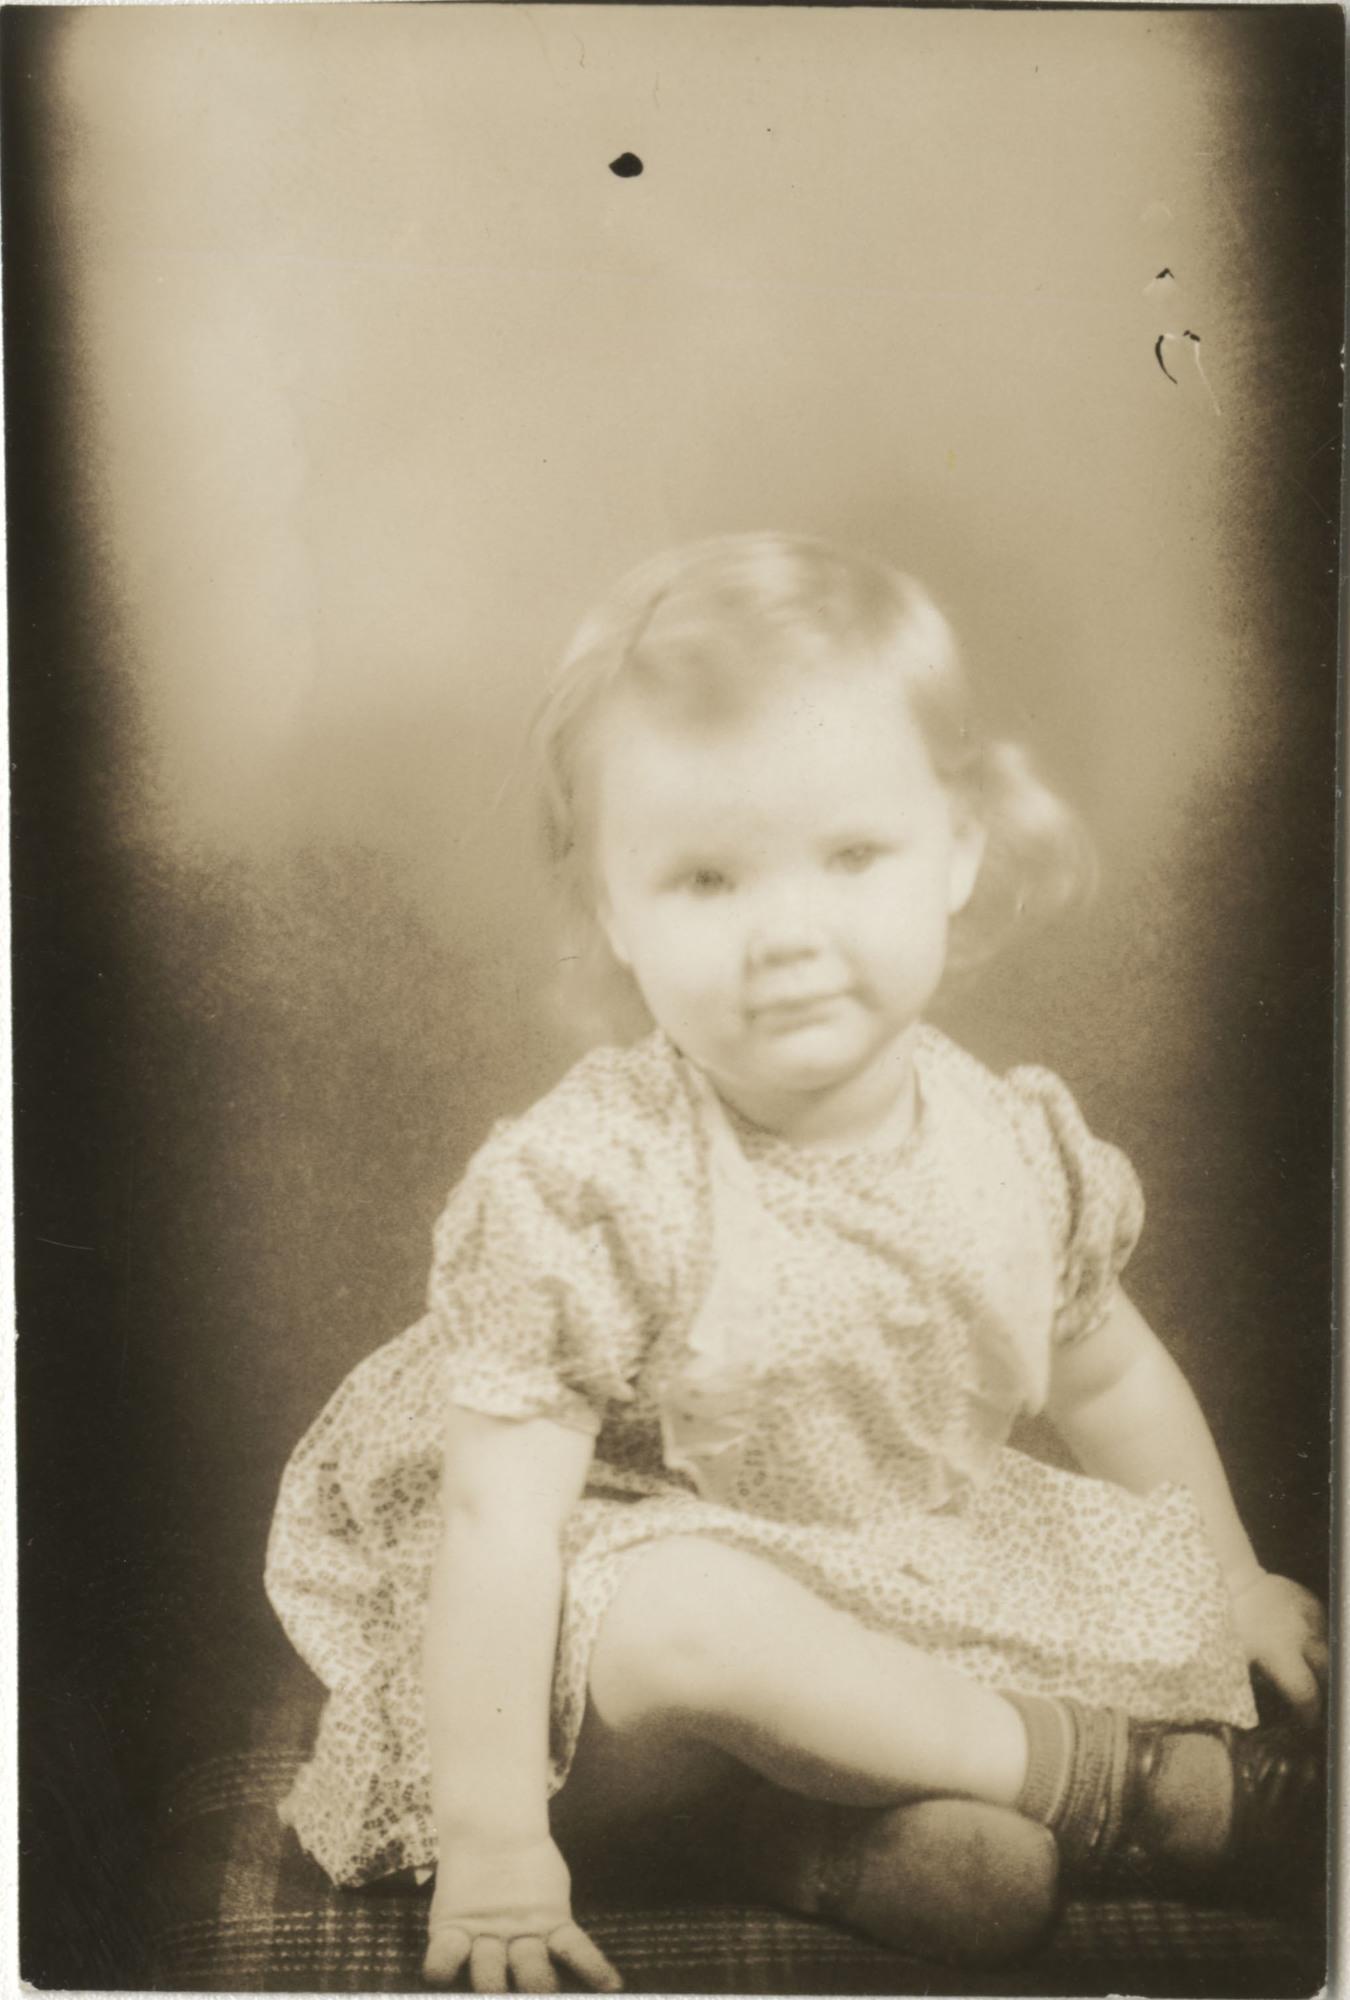 Ms2014-002_BeulahAllen_B1_F15_Photograph_1938_1100_02a.jpg